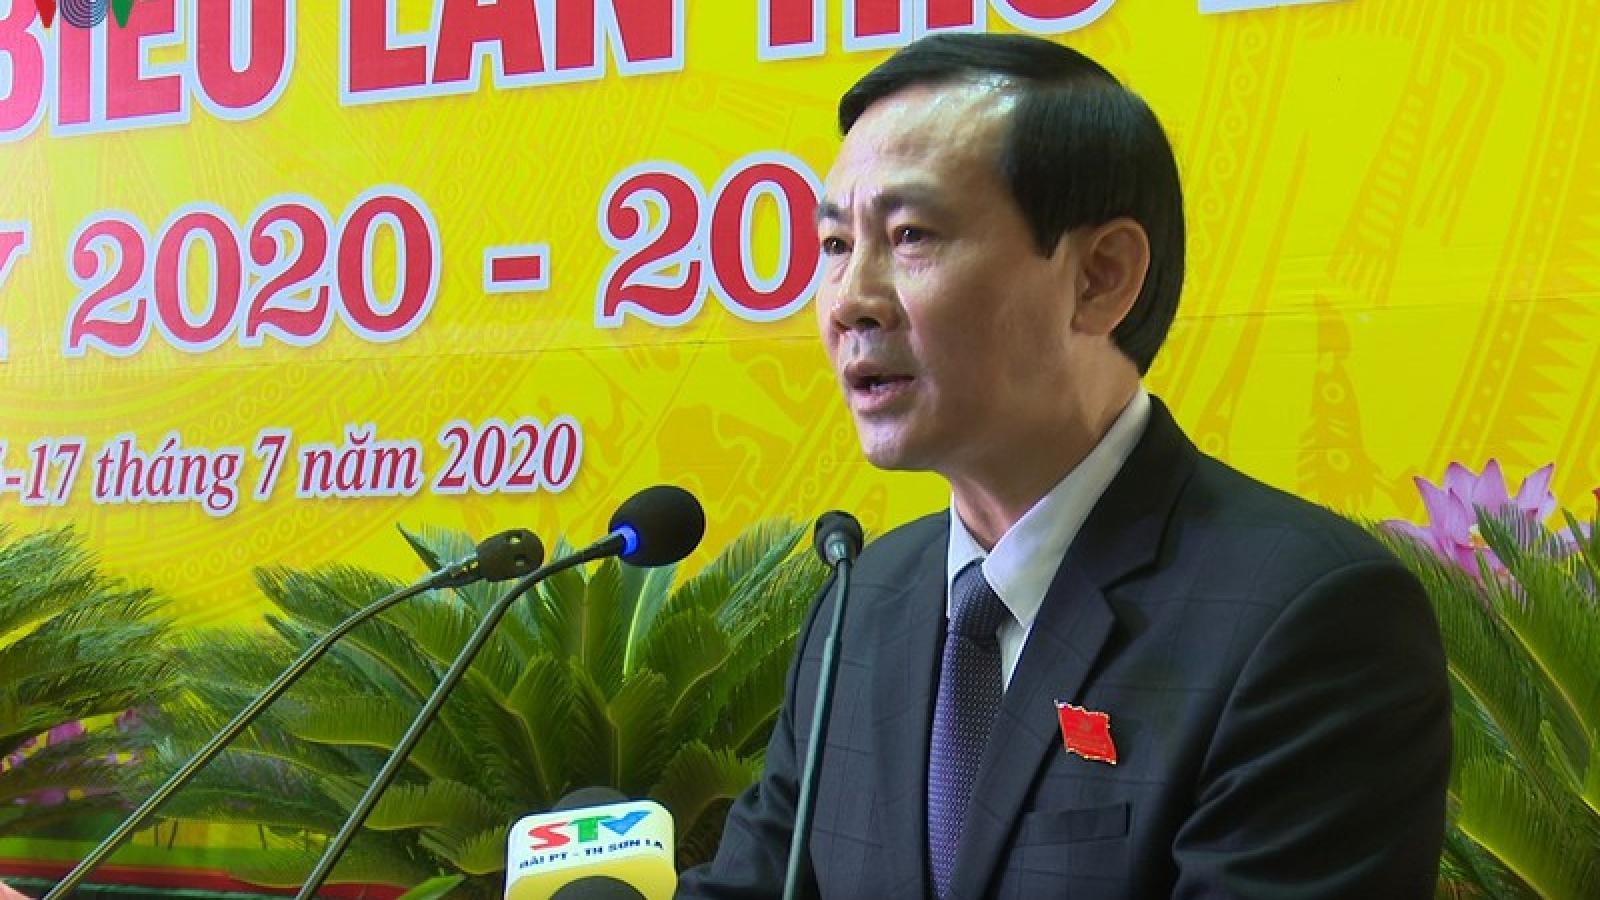 Ông Nguyễn Đức Toàn tái cử chức vụ Bí thư Huyện ủy Vân Hồ, tỉnh Sơn La